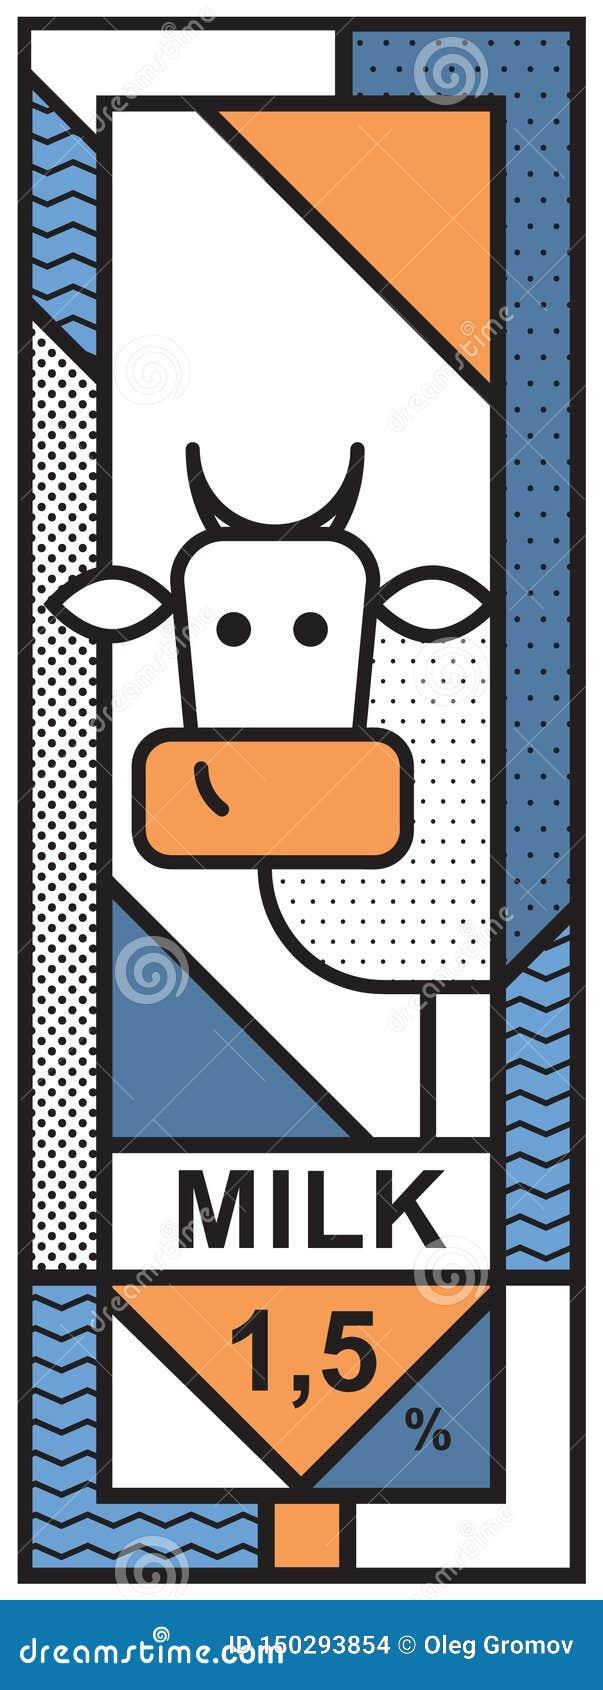 Uma etiqueta com uma imagem de uma vaca para o empacotamento de leite